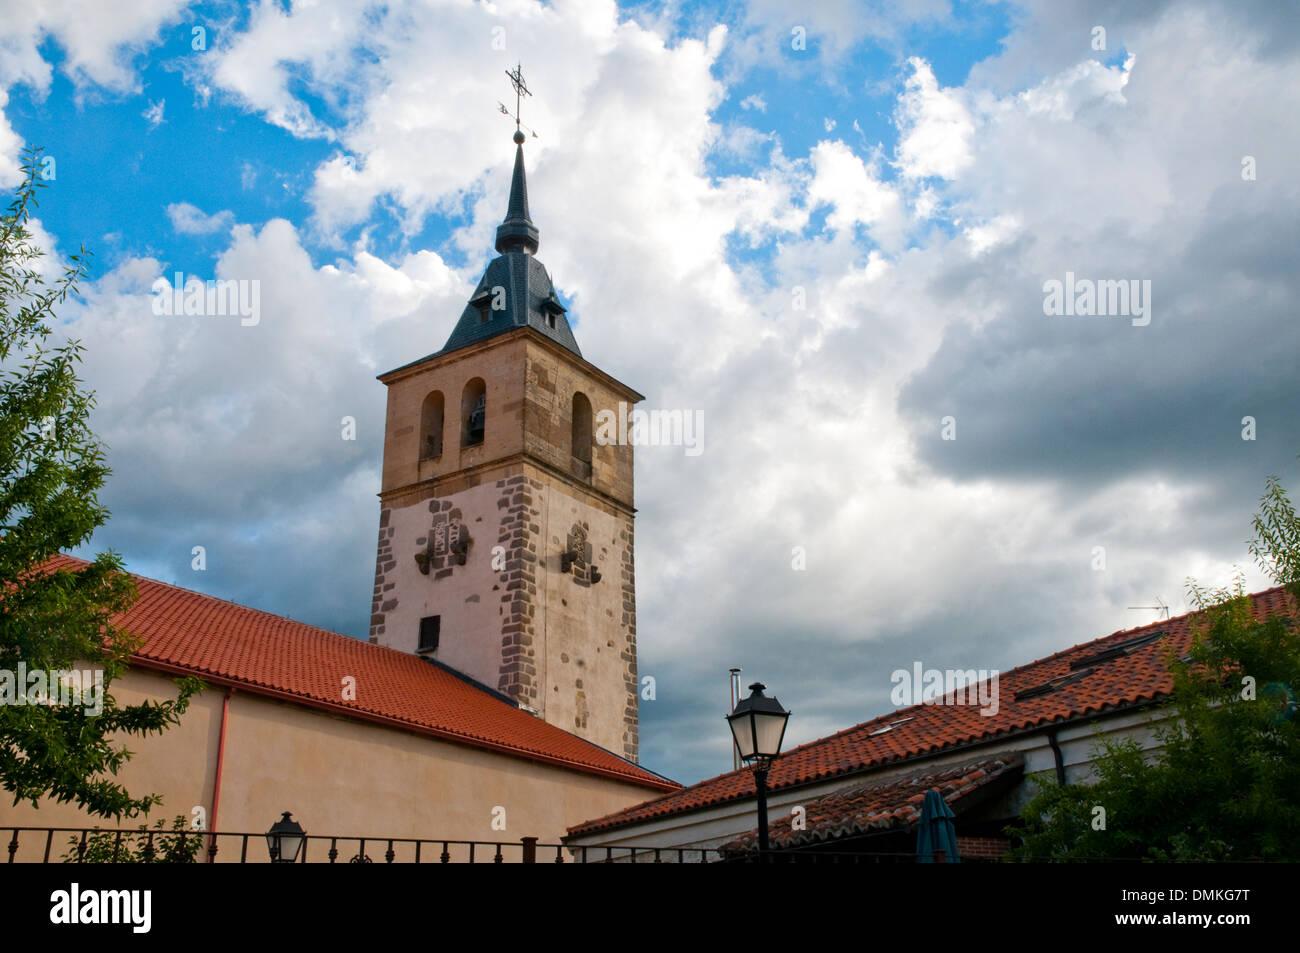 San Andres chiesa contro il cielo in tempesta. Rascafria, provincia di Madrid, Spagna. Immagini Stock